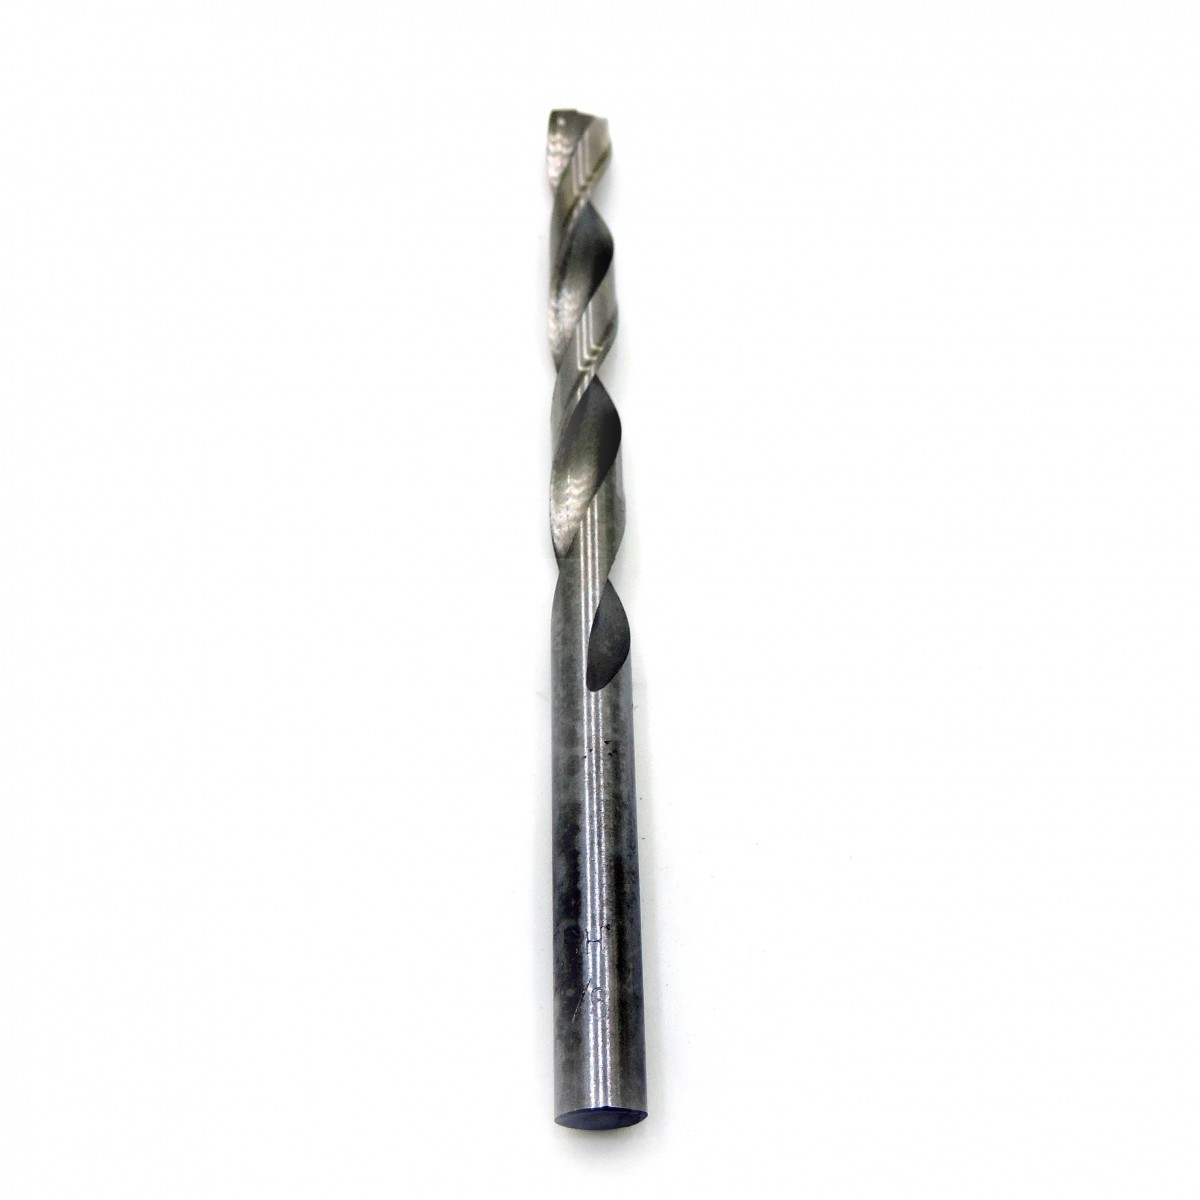 Broca Helicoidal Cilíndrica- Rocast- Hss 9/32 Din 338- Bh5